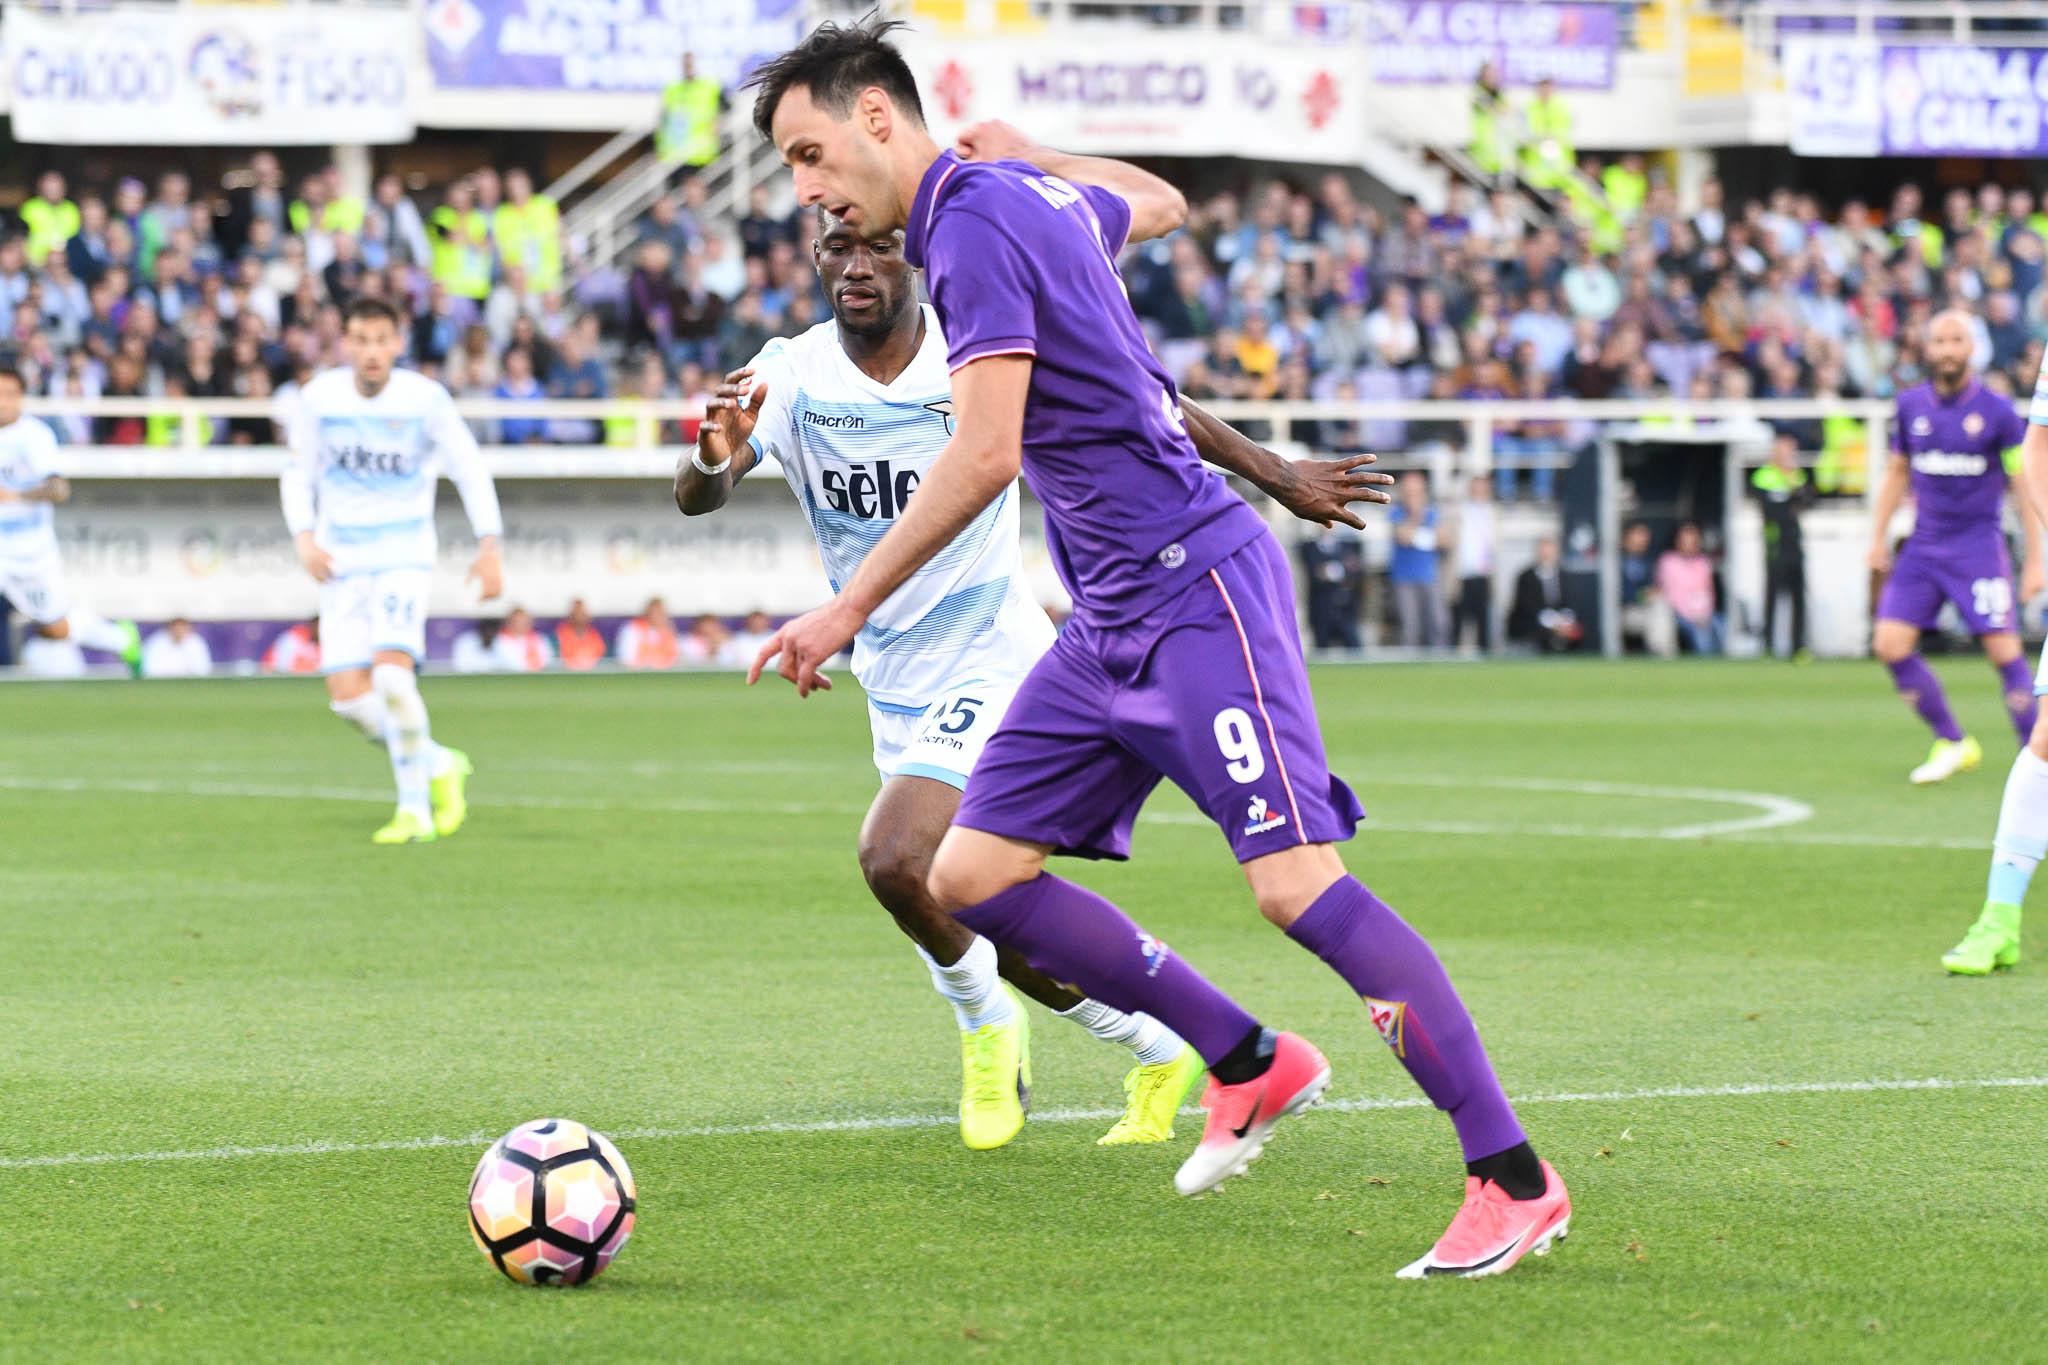 Juventus, affare Bernardeschi: 40 milioni alla Viola, guadagnerà 4 milioni a stagione